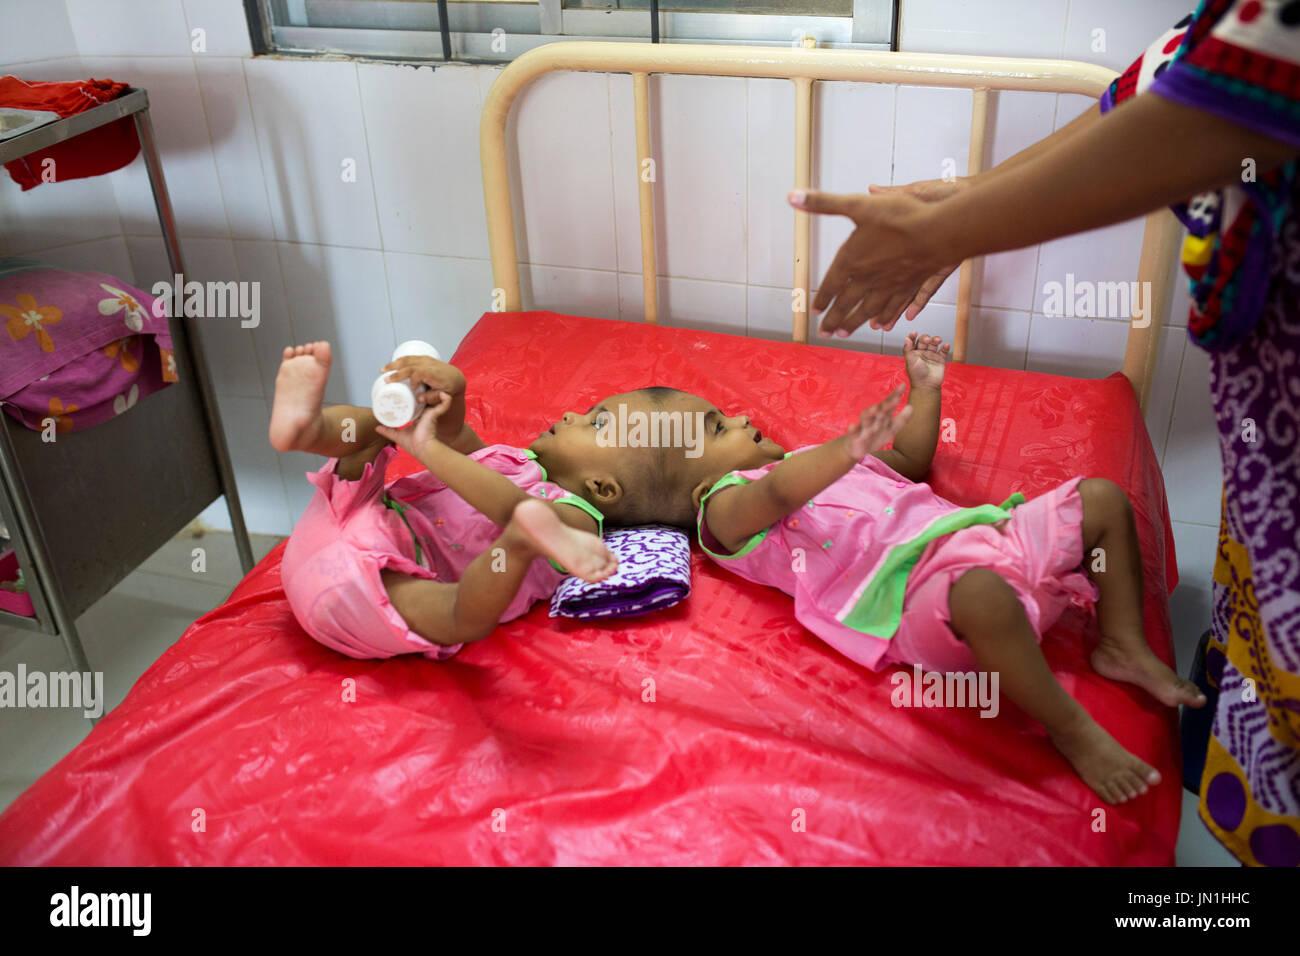 Conjoined Baby Imágenes De Stock & Conjoined Baby Fotos De